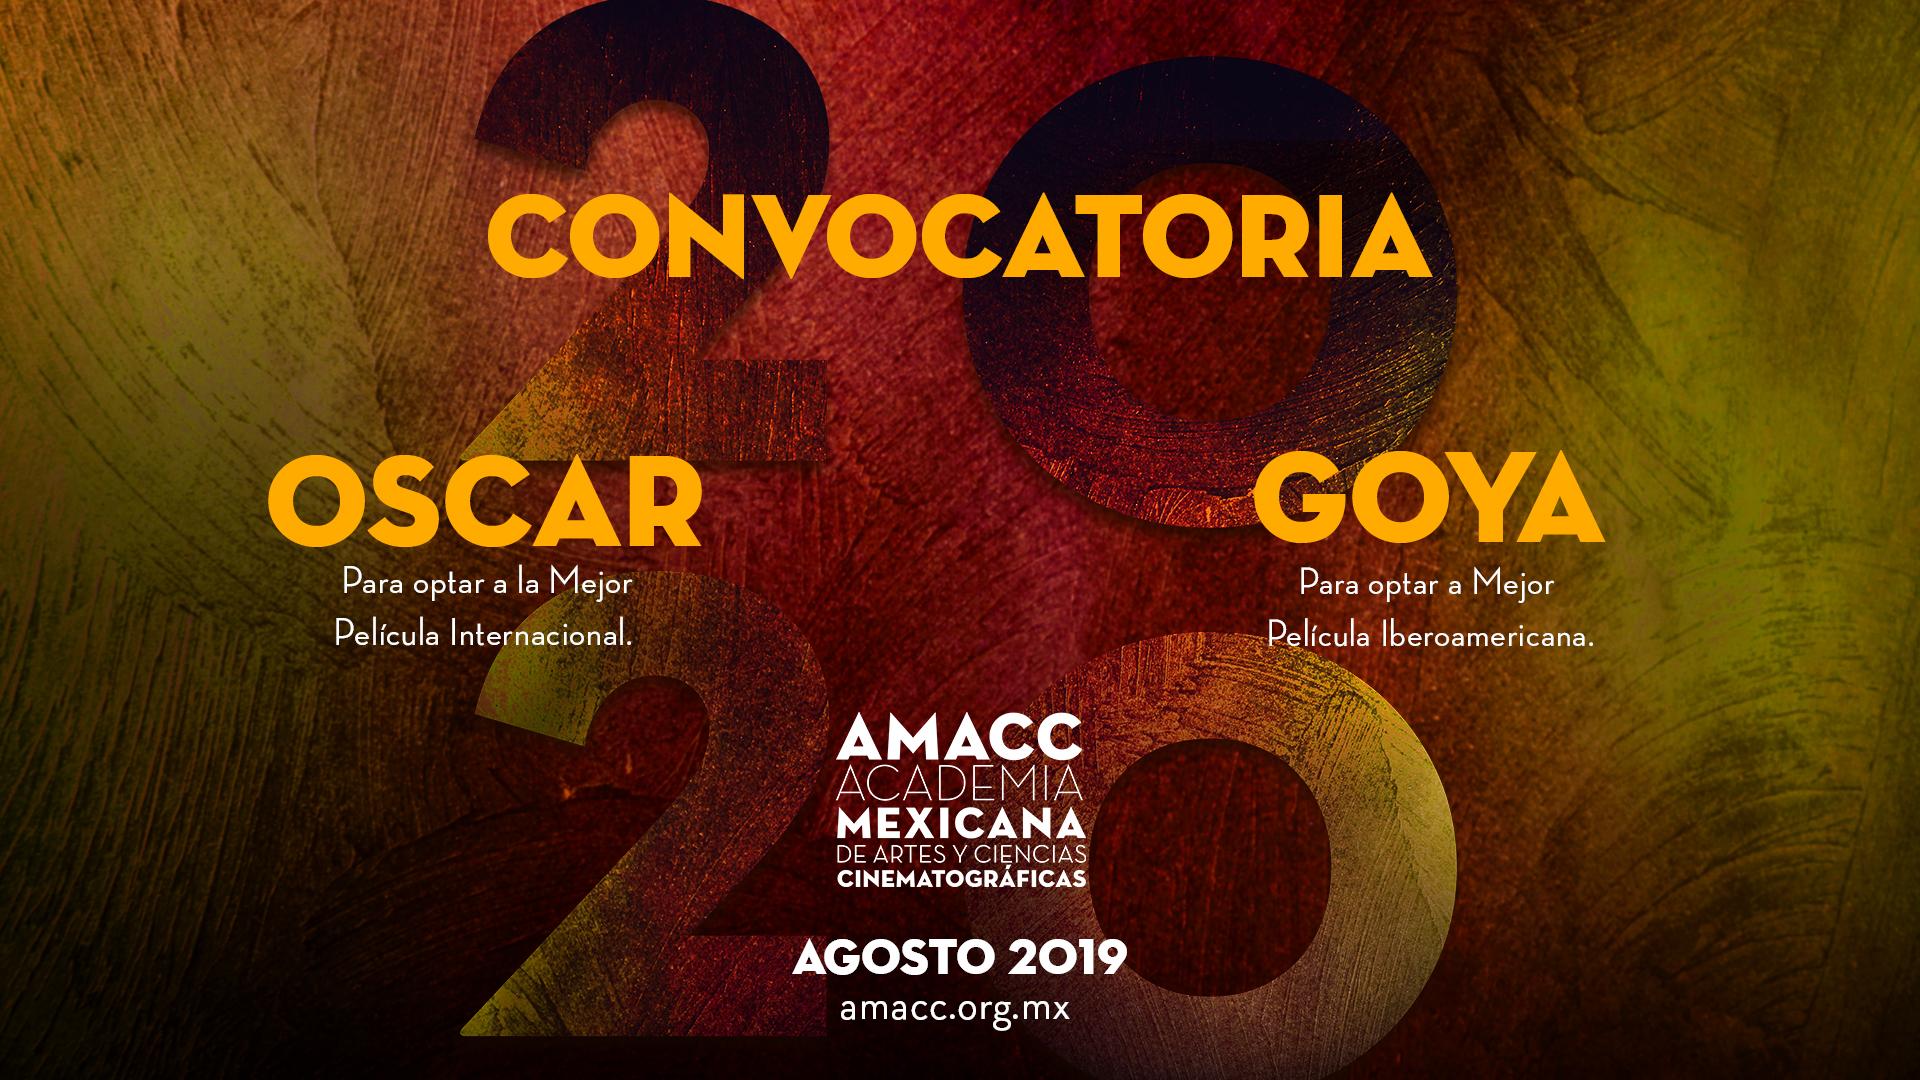 Convocatoria Oscar y Goya